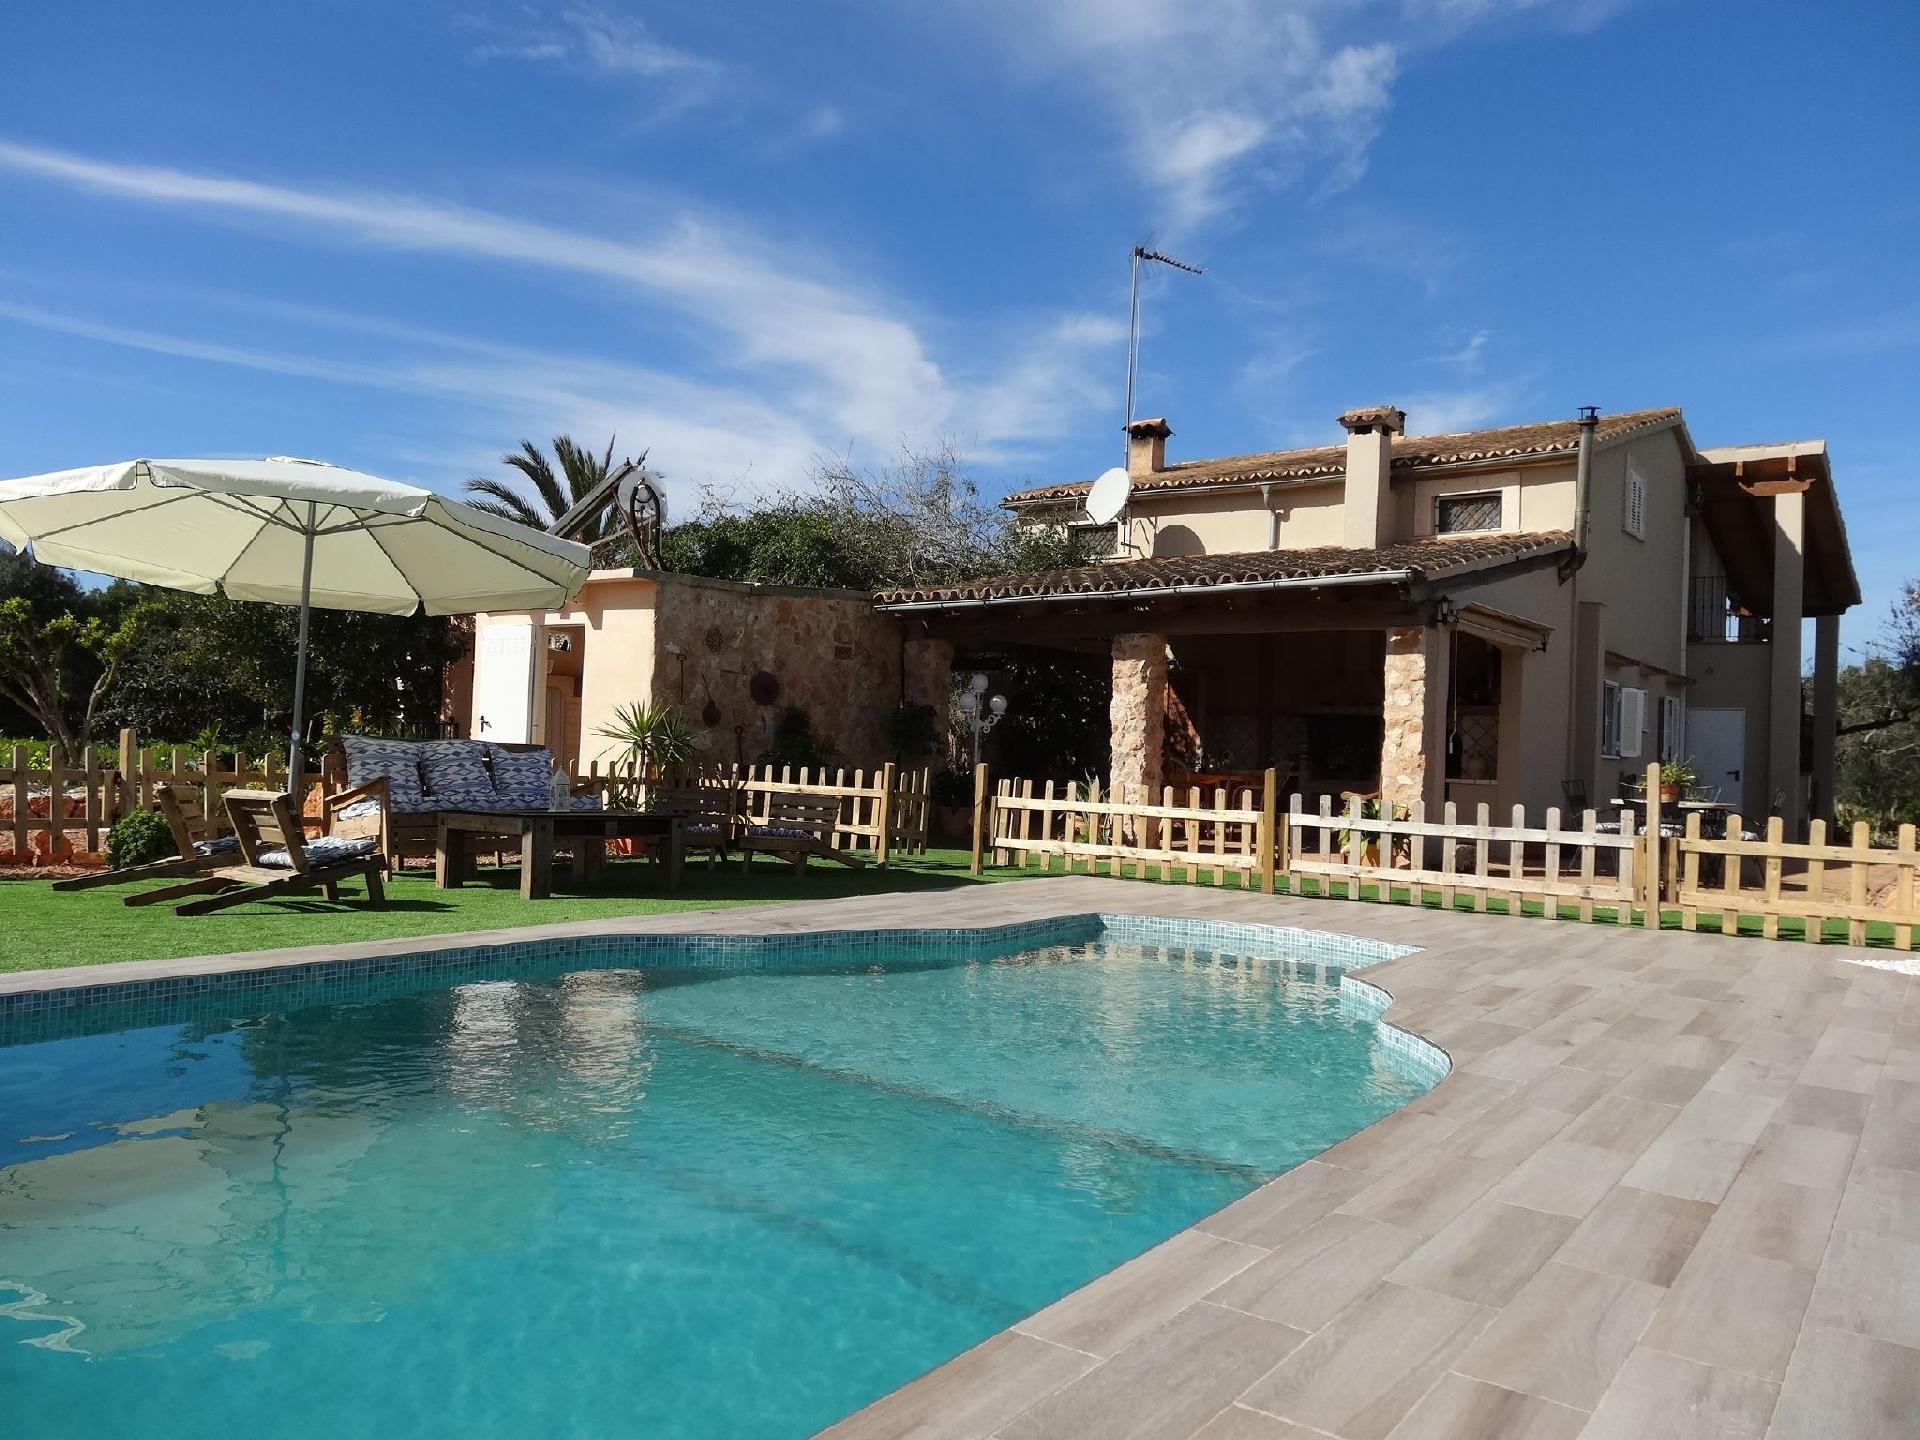 Ferienhaus mit Privatpool für 9 Personen ca 180 m² in Llucmajor Mallorca Südküste von Mallorca